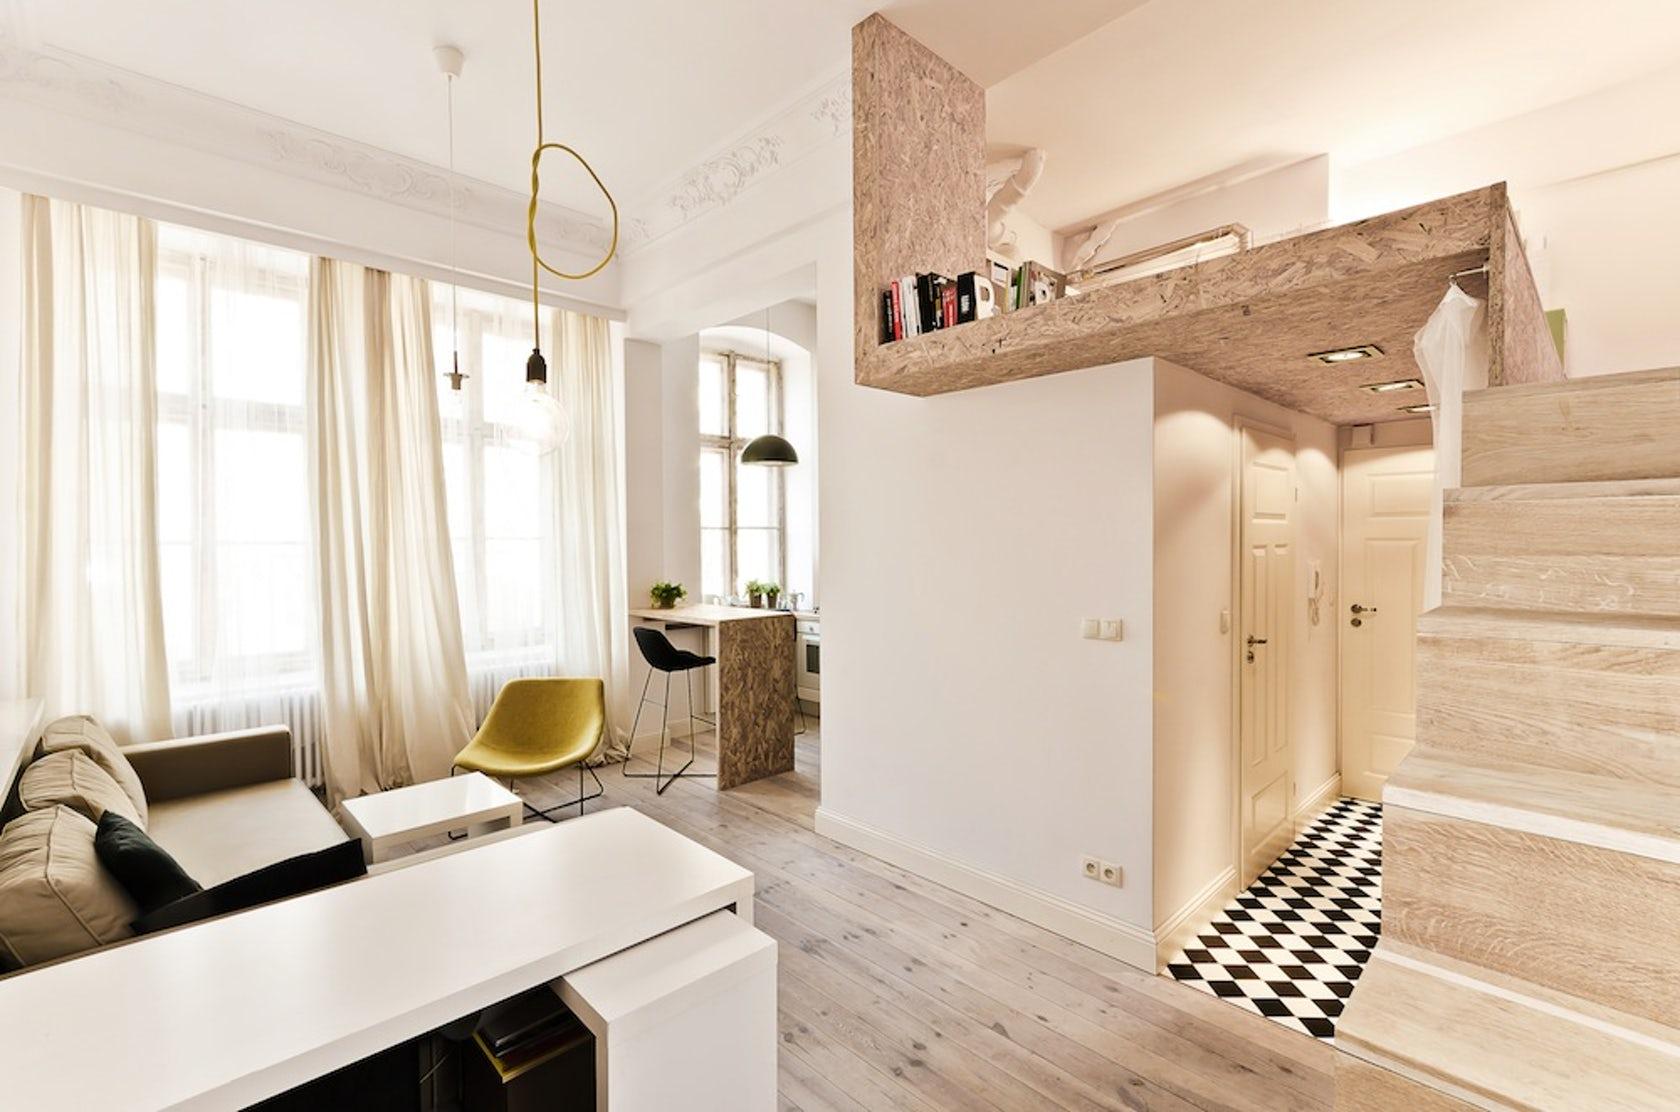 vita da single: 5 idee per arredare piccole case da sogno - cofim ... - Idee Arredamento Case Piccole